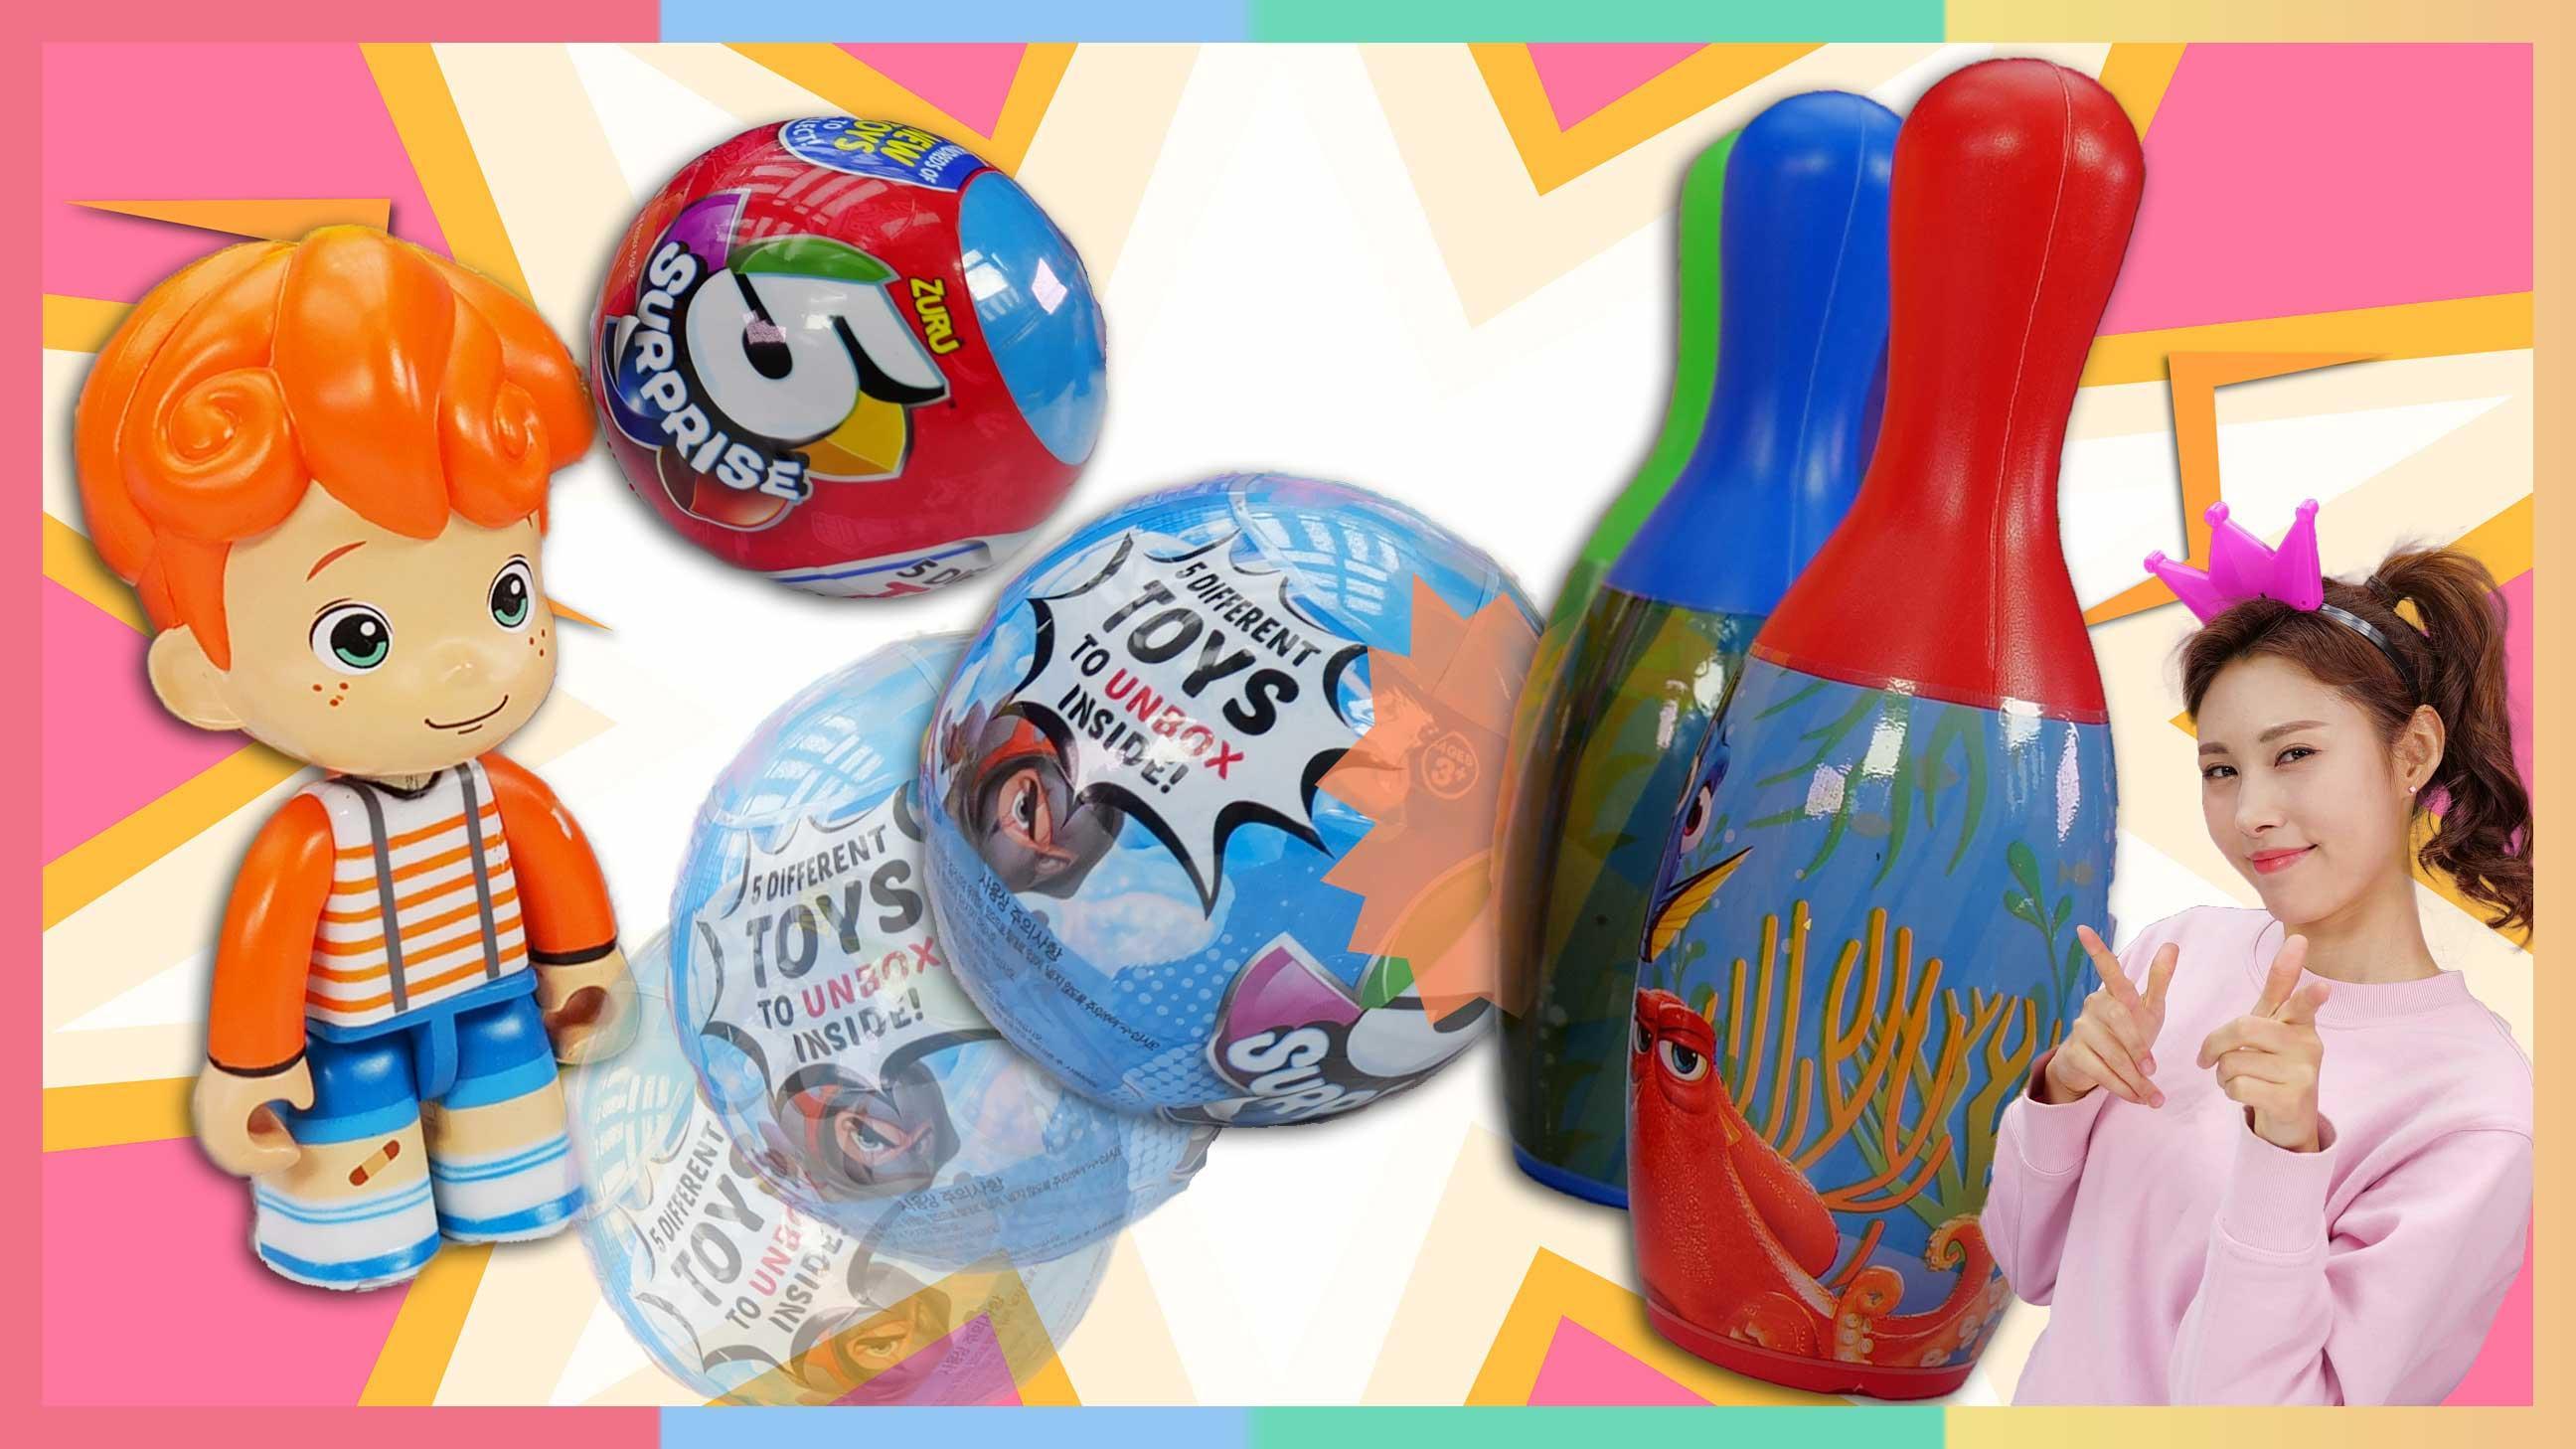 保龄球趣味花瓣蛋!一边运动一边拆出惊喜玩具吧 | 凯利和玩具朋友们 CarrieAndToys